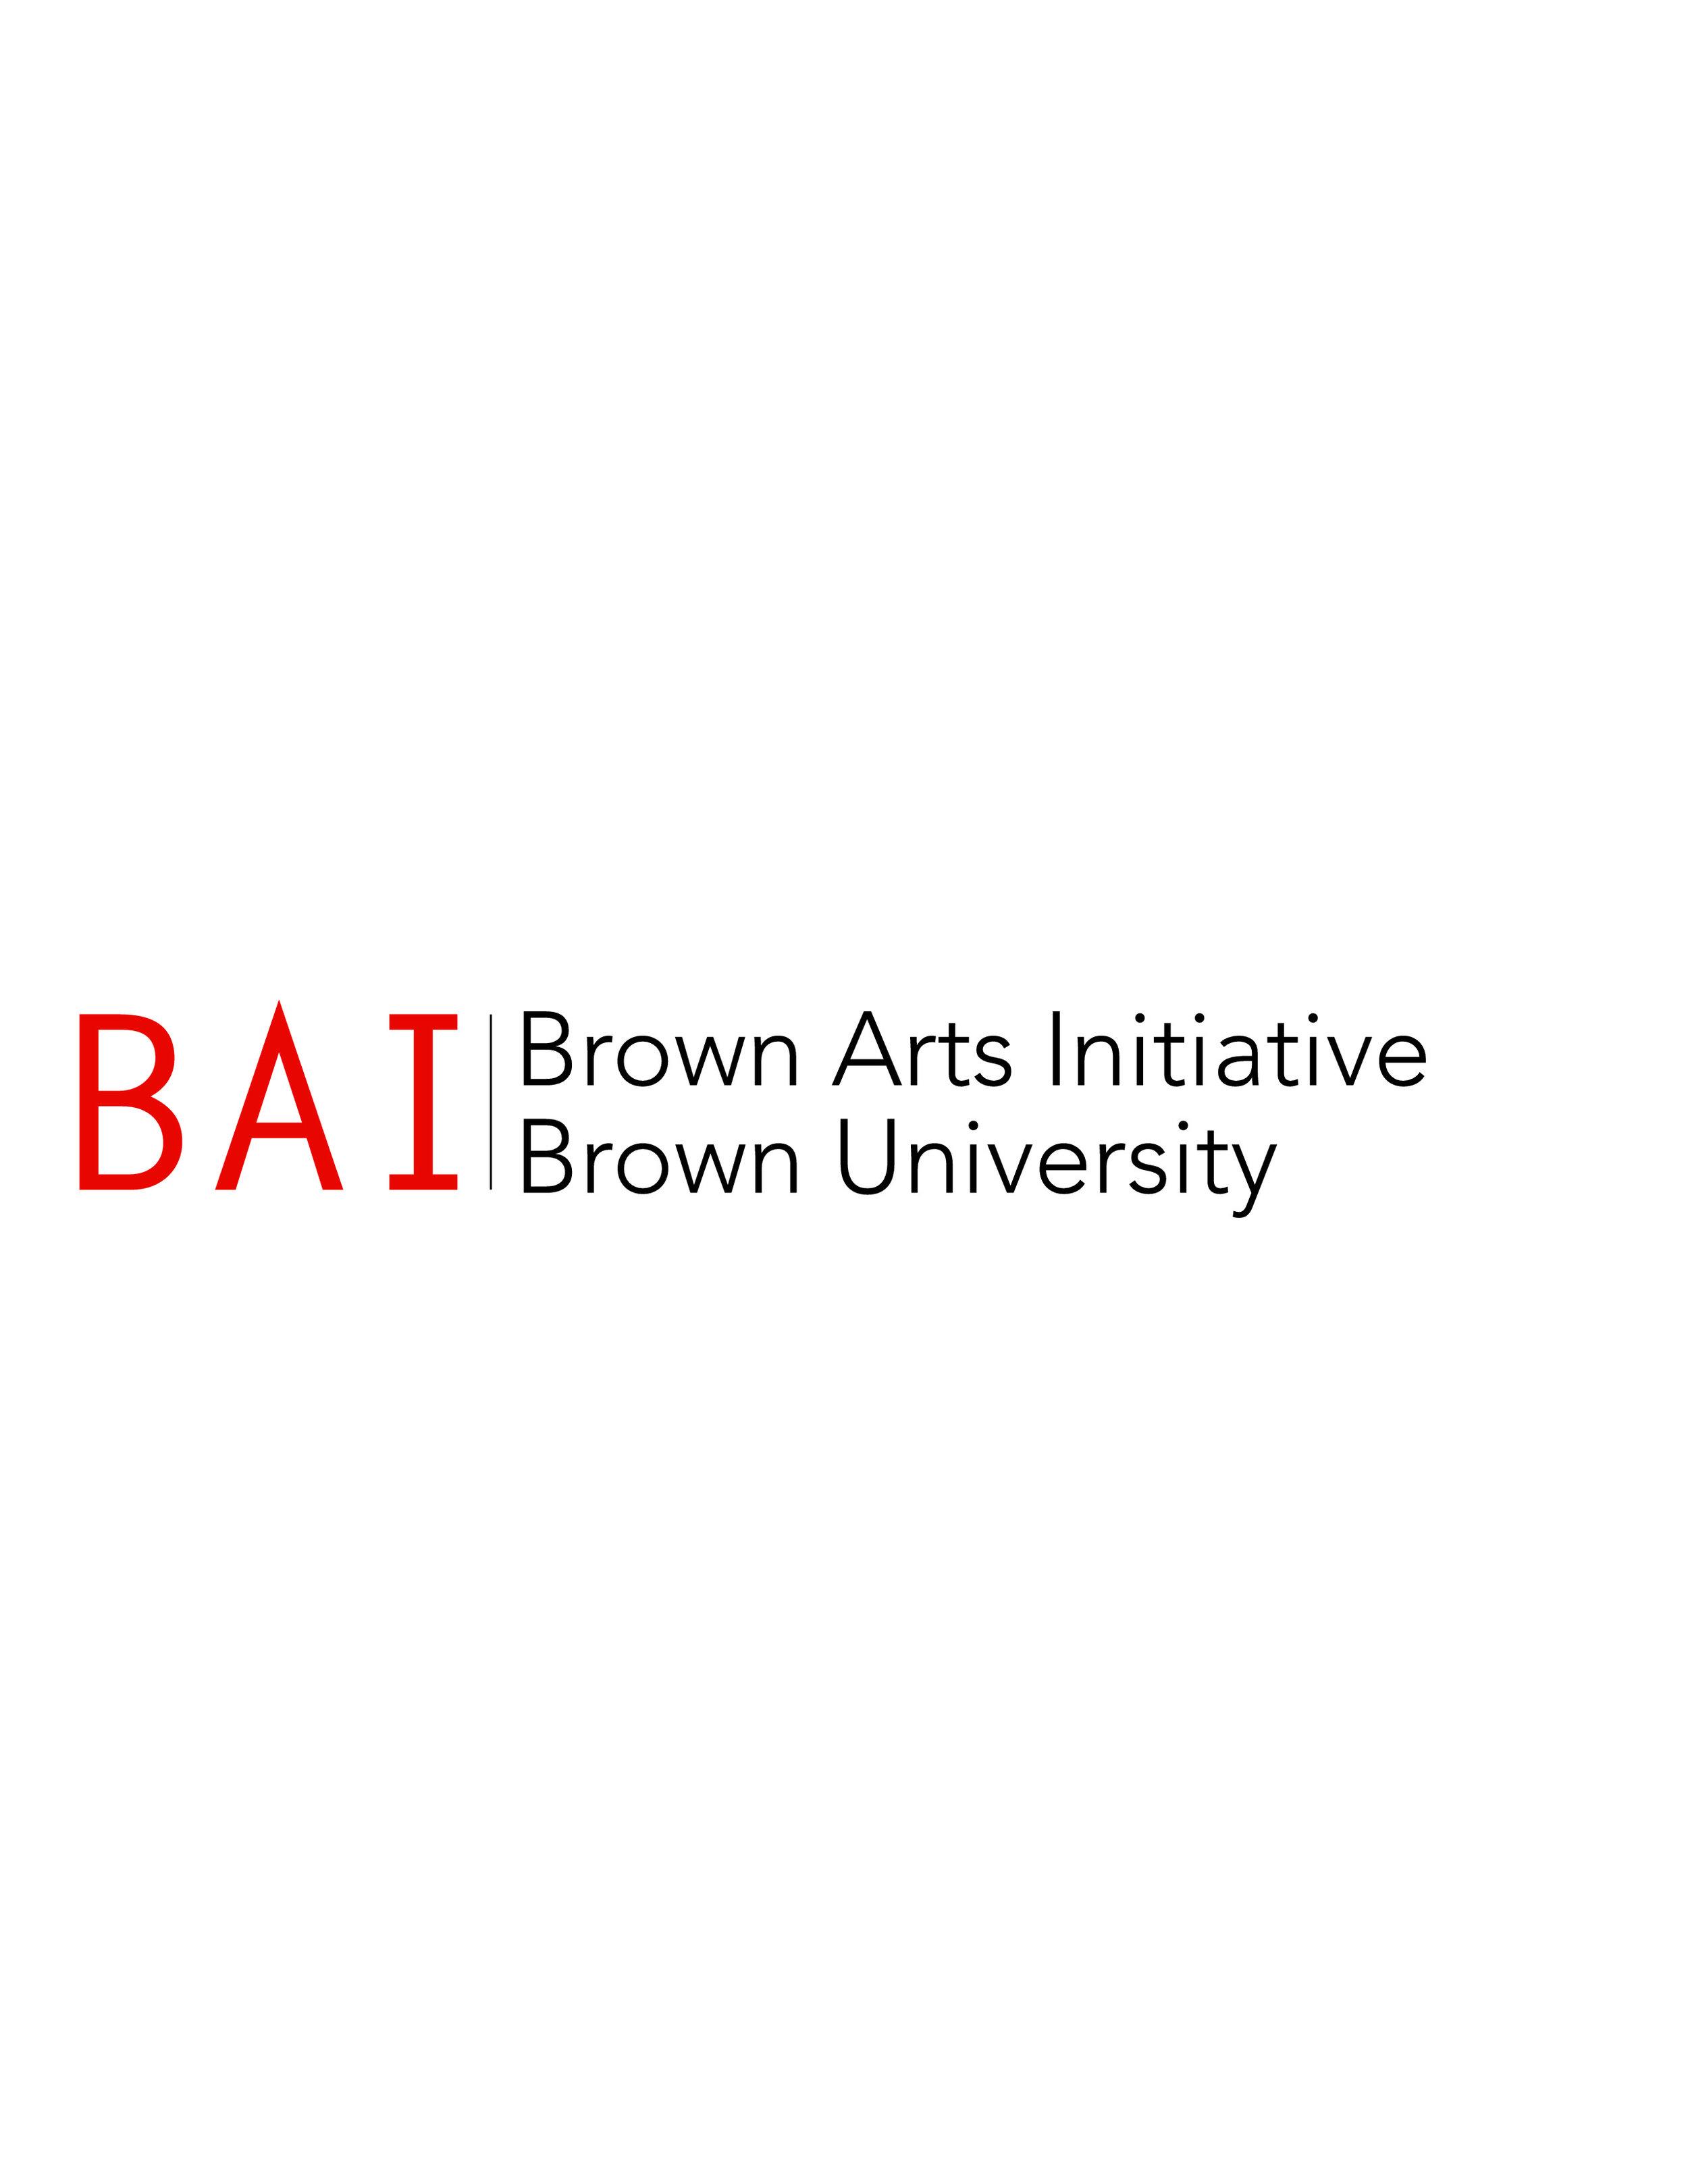 BAI_logo_horizontal_color (1).jpg